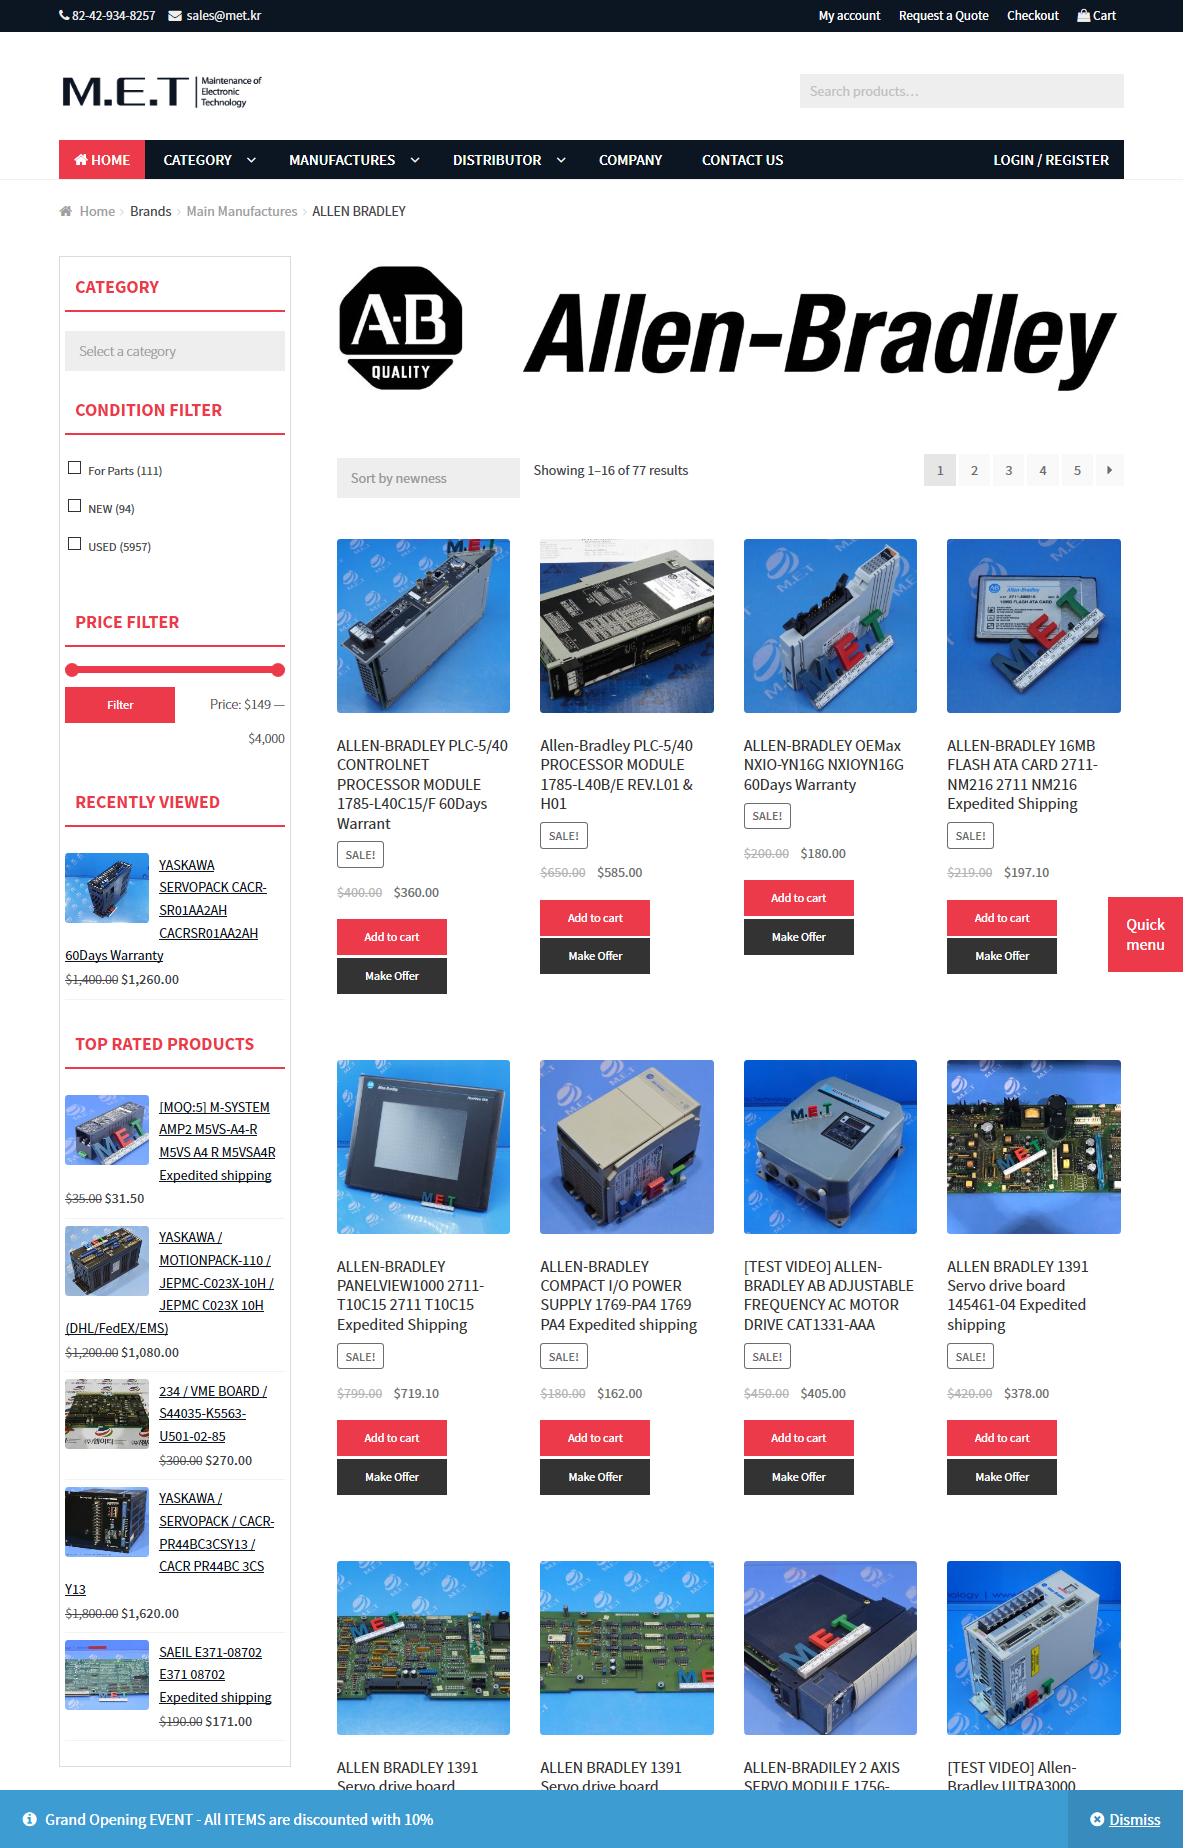 Screenshot-2017-11-29 ALLEN BRADLEY MET